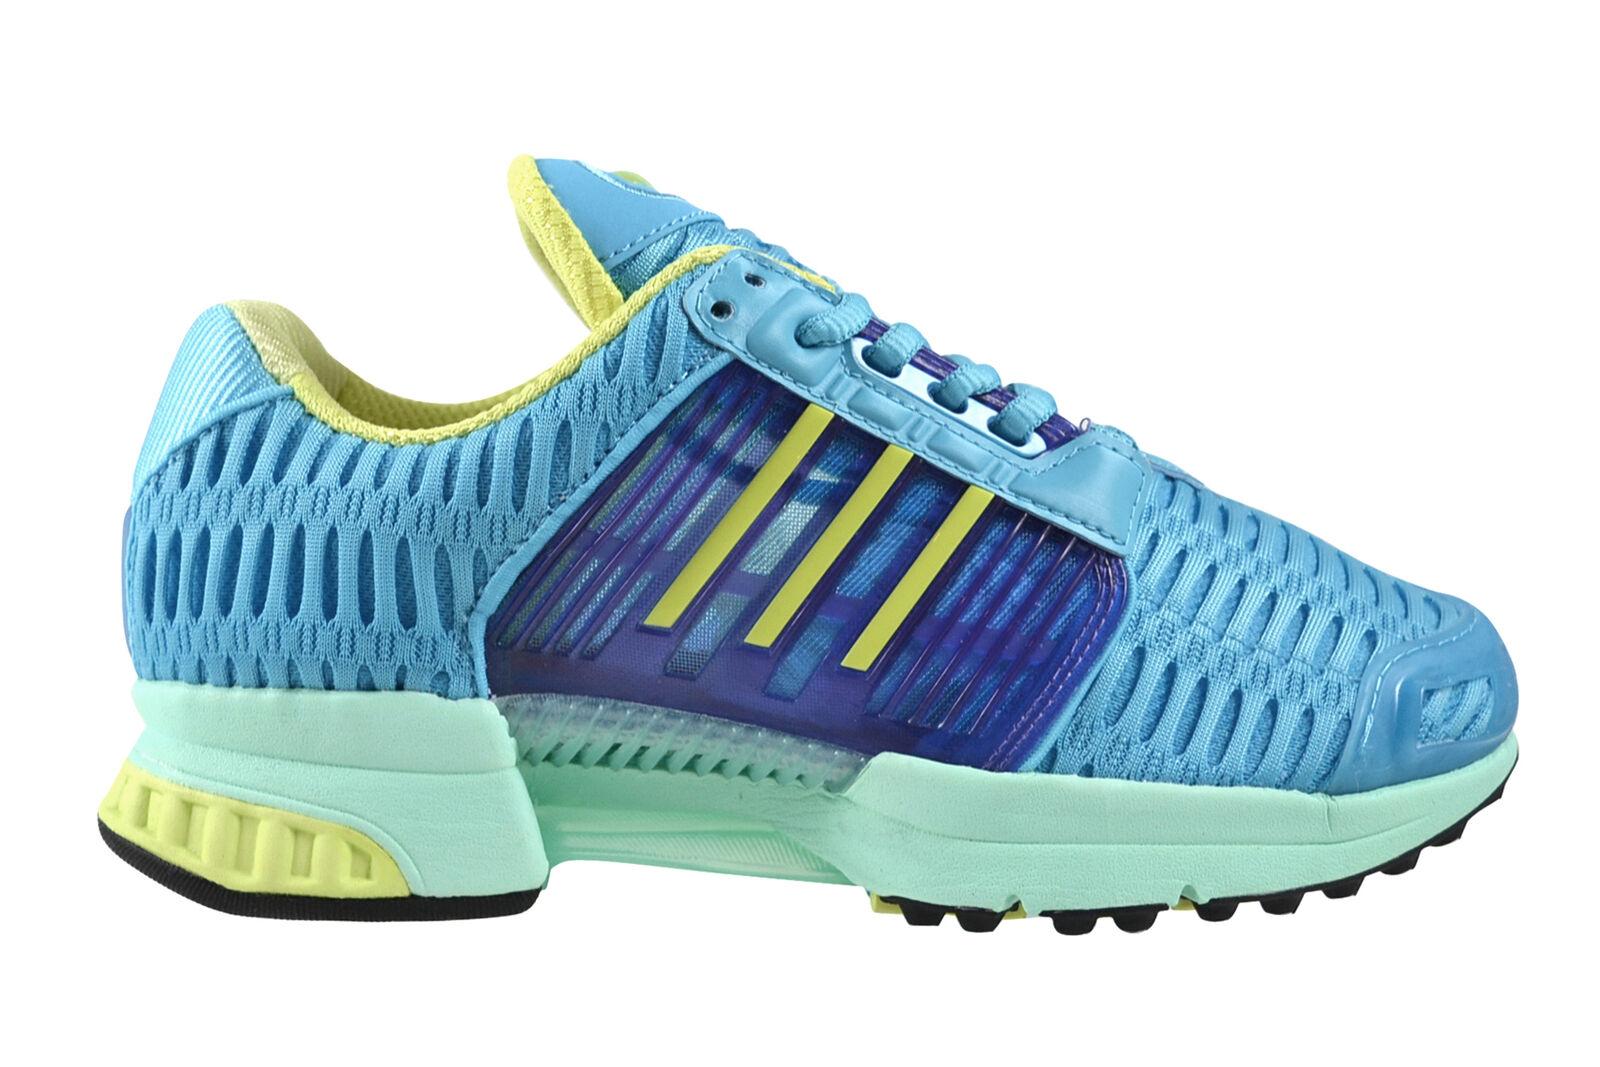 Adidas Climacool 1 Bright Cyan Semi Frozen lila Trainer schuhe Blau BA7157